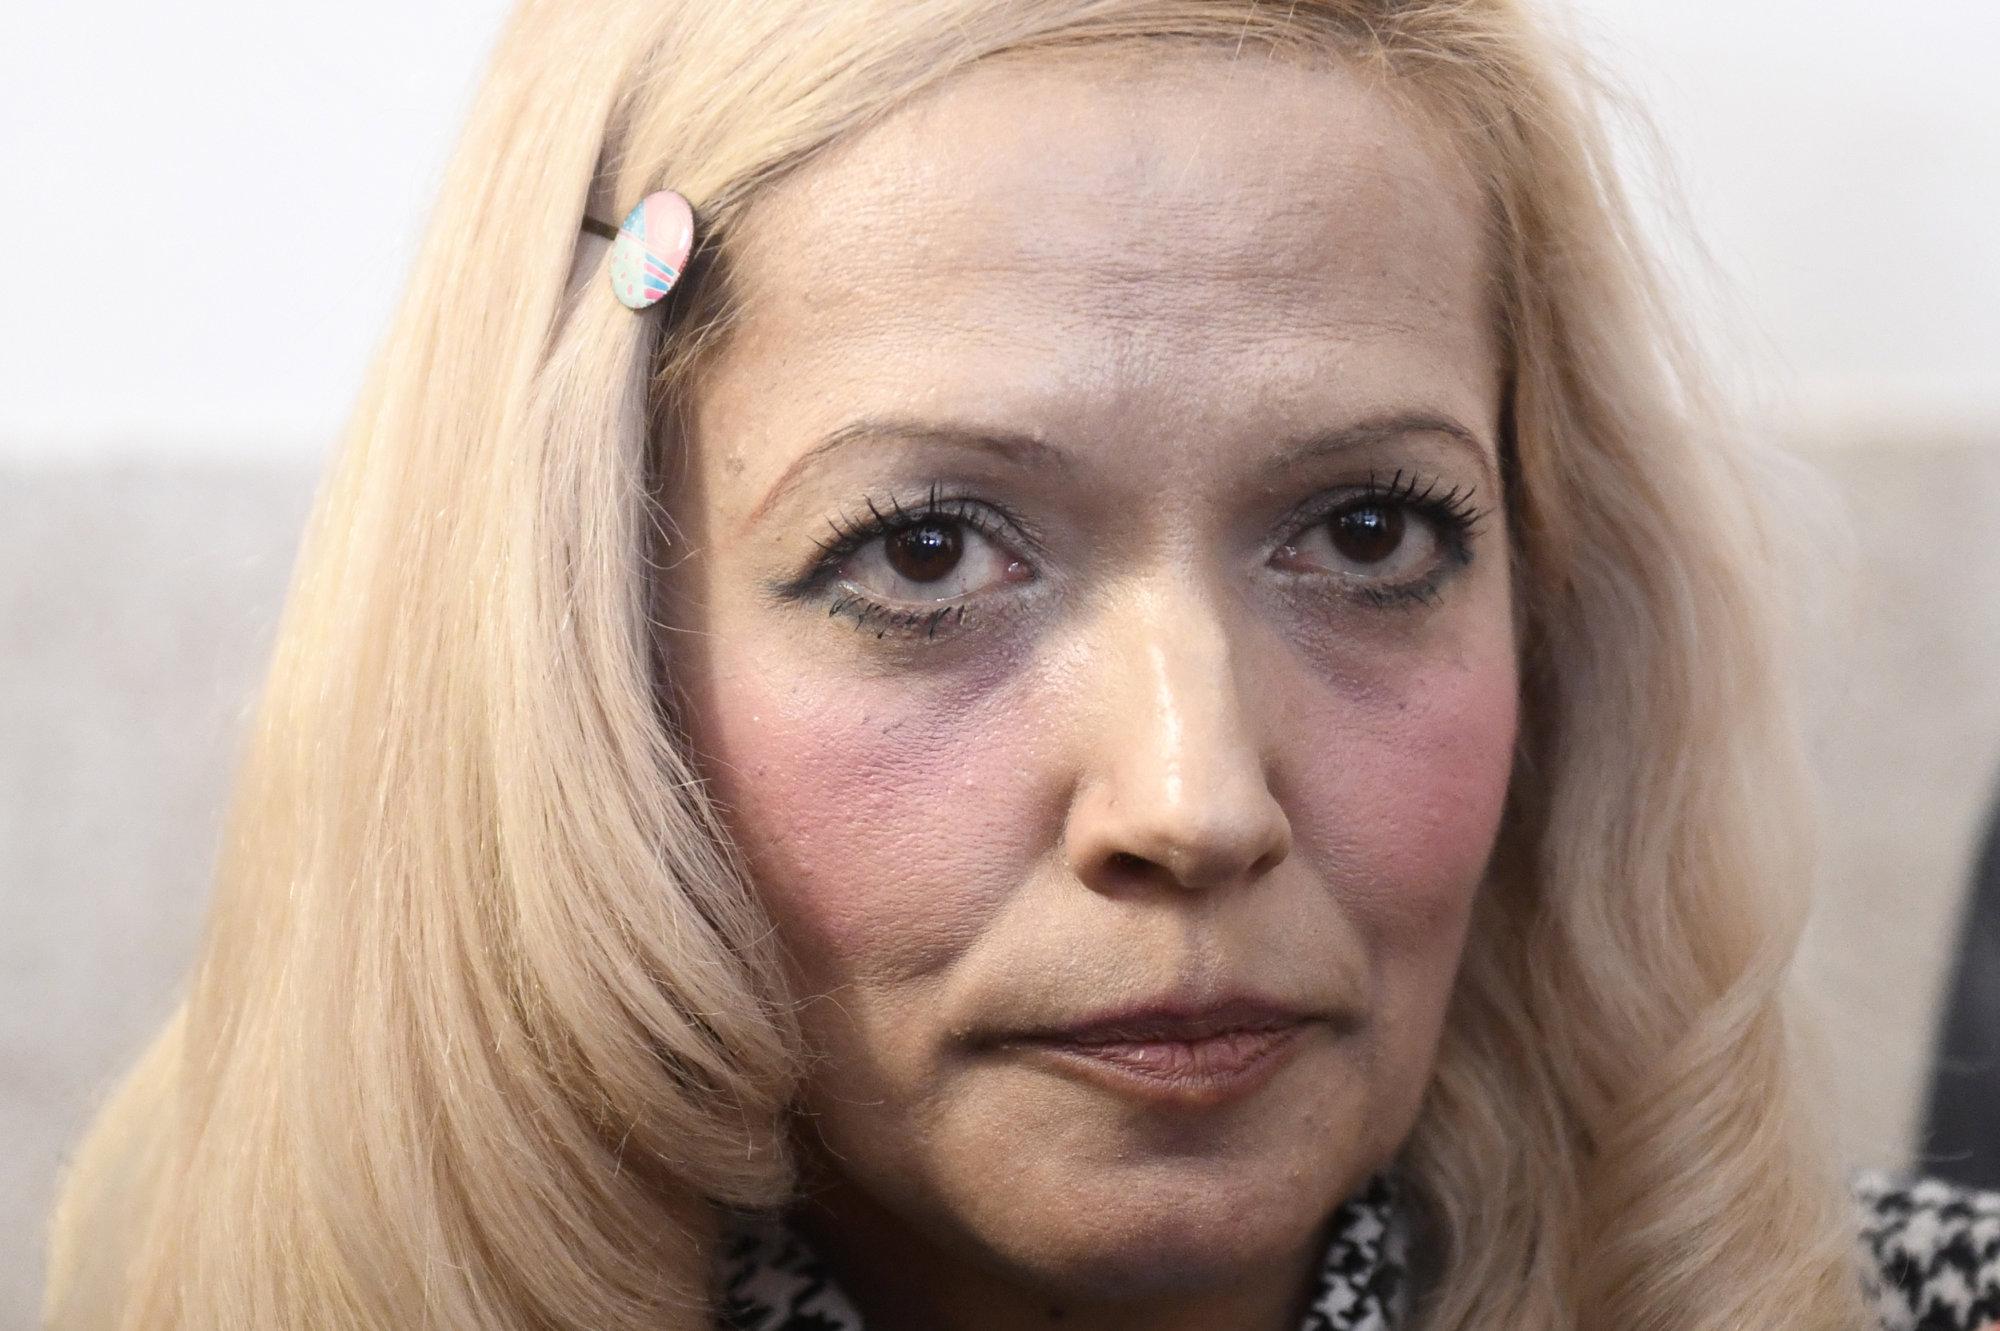 Sudca odôvodňoval oslobodenie bývalého poslanca Jánoša aj predsudkami o domácom násilí – Denník N